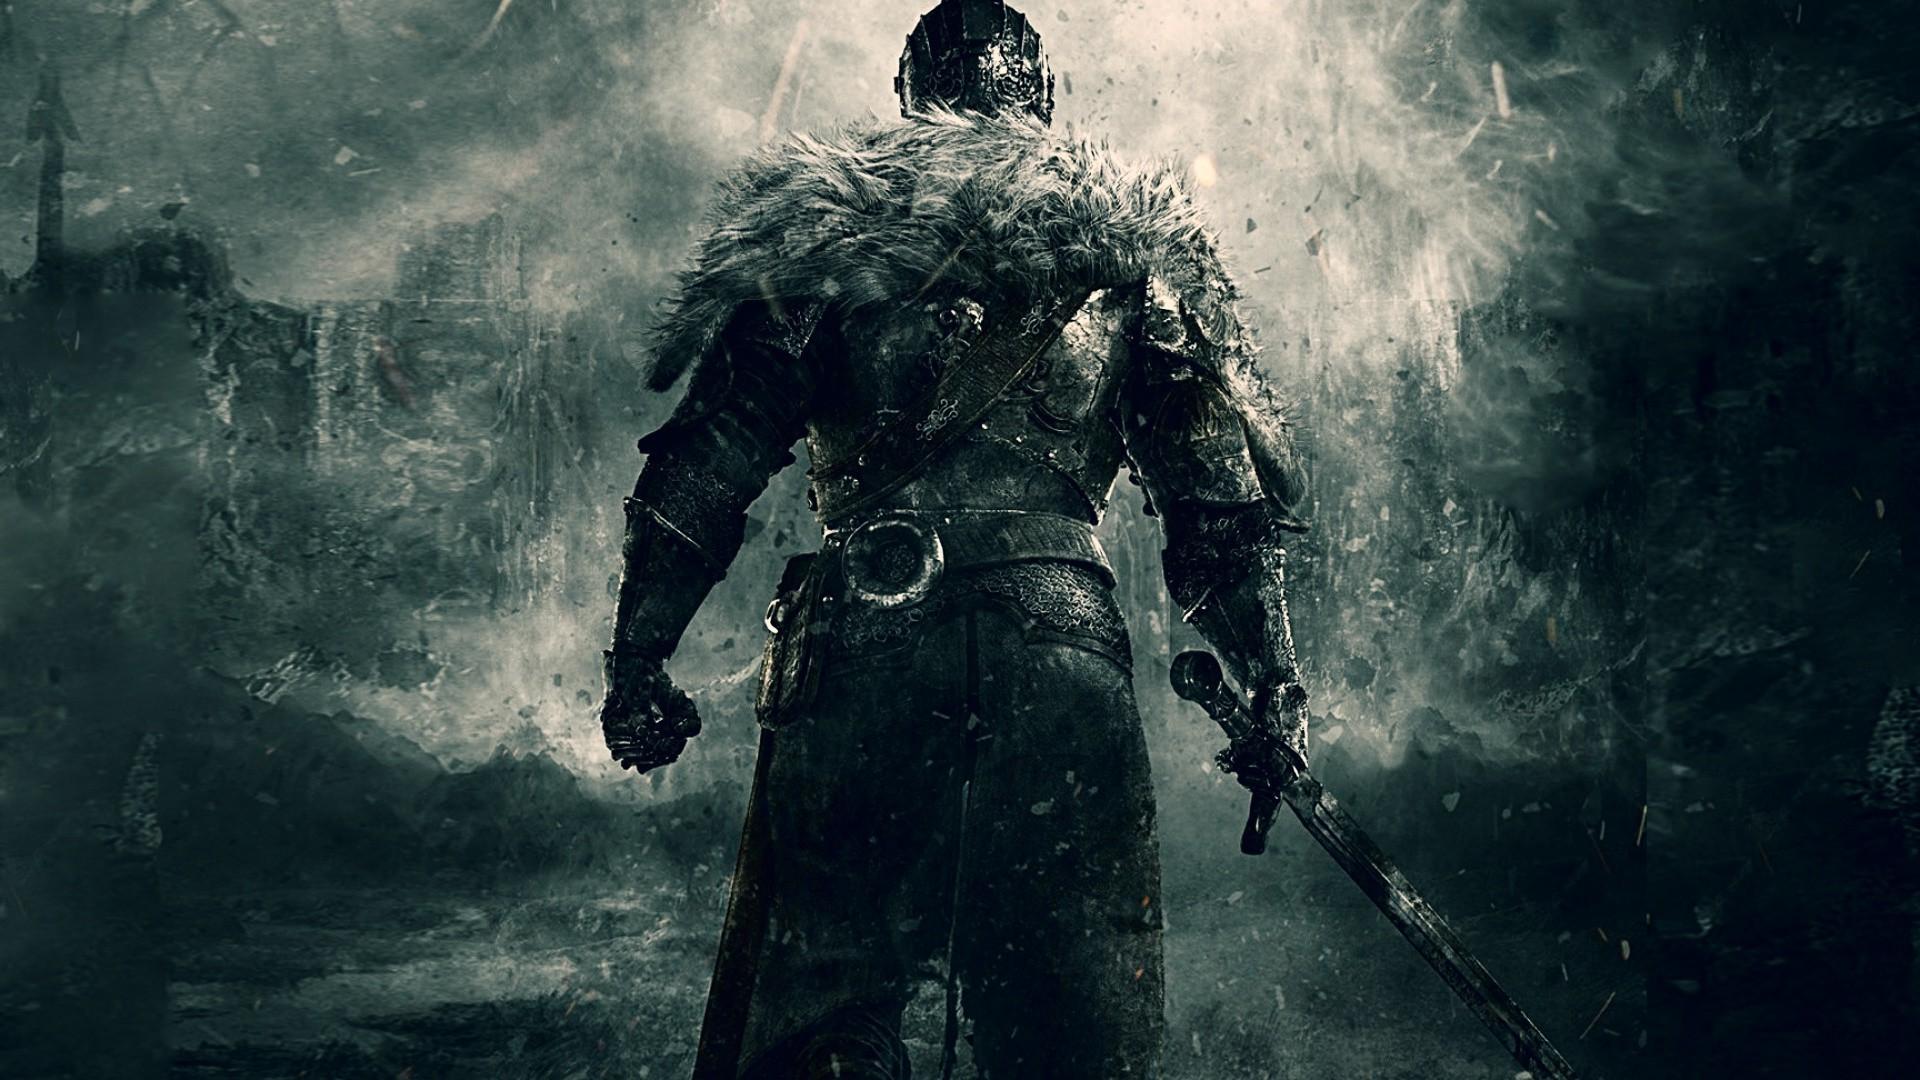 Dark Souls Wallpaper 69 Images